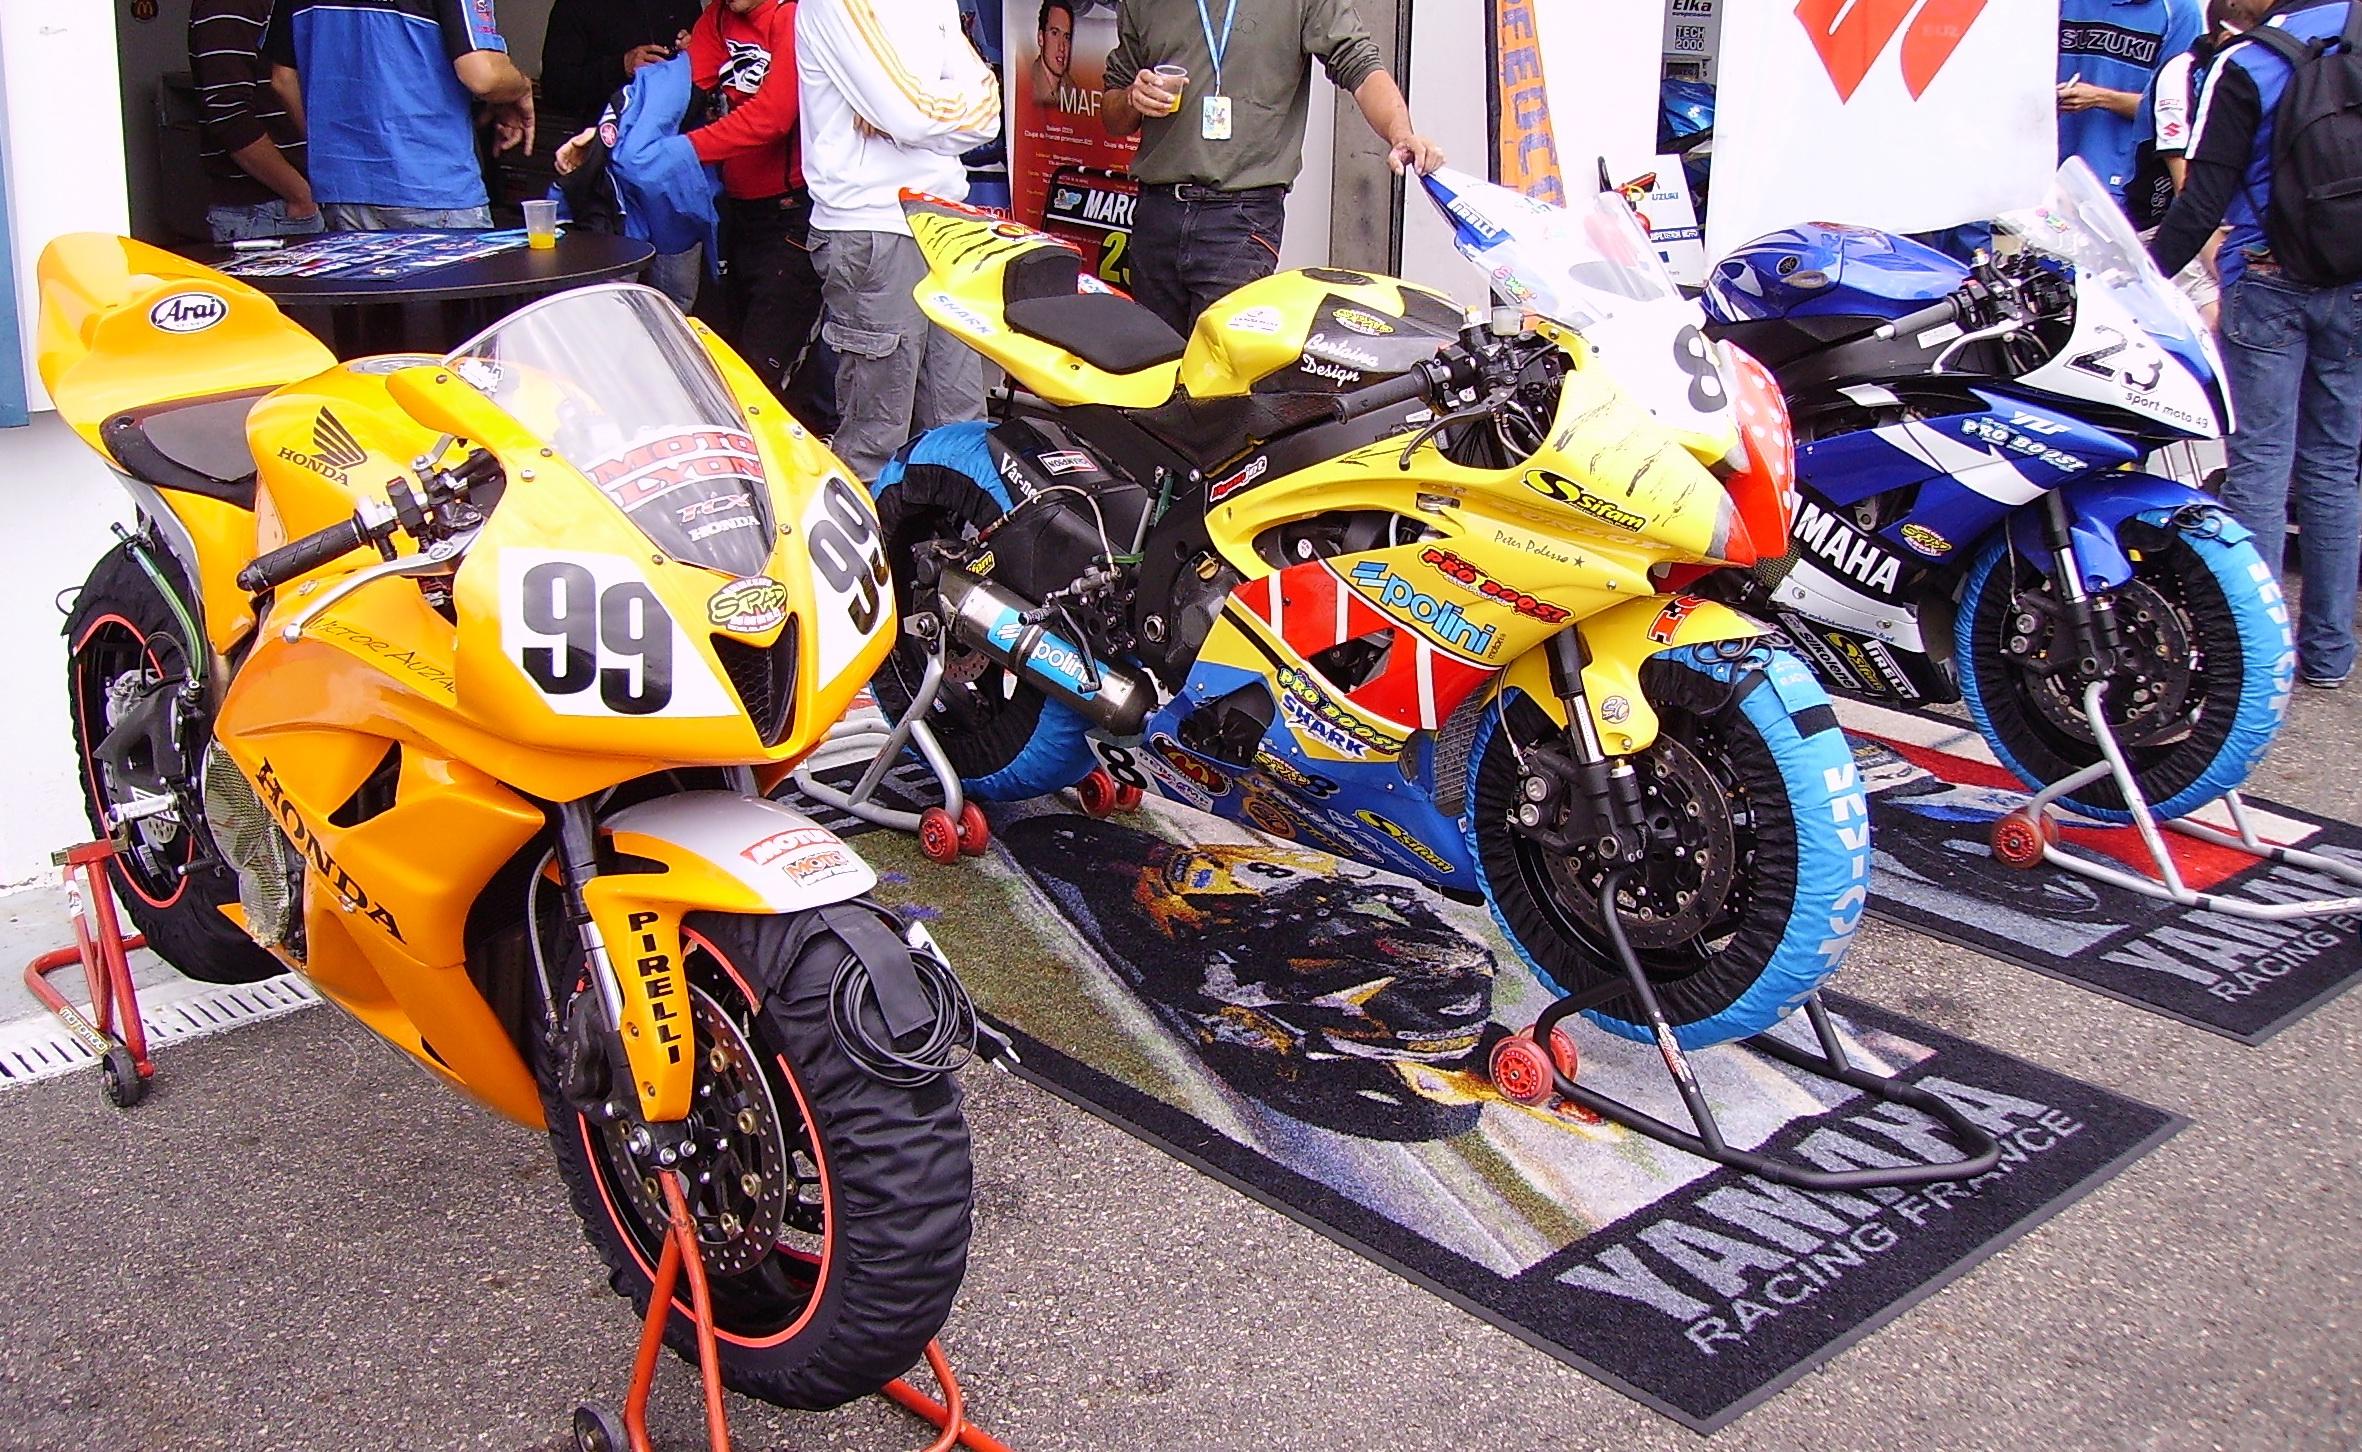 Supersport Bikes